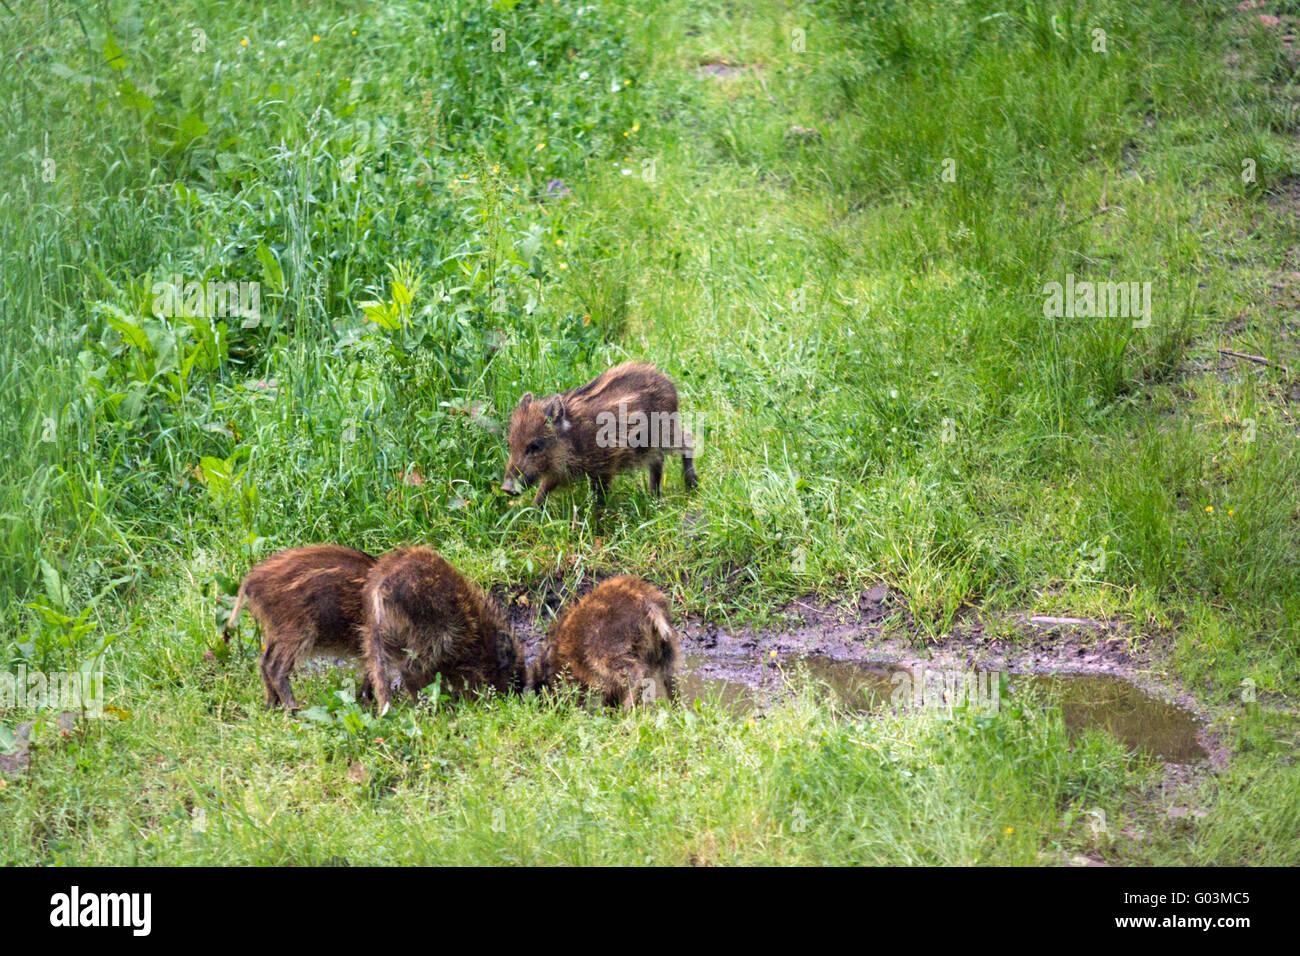 wild sow wildlife - Stock Image